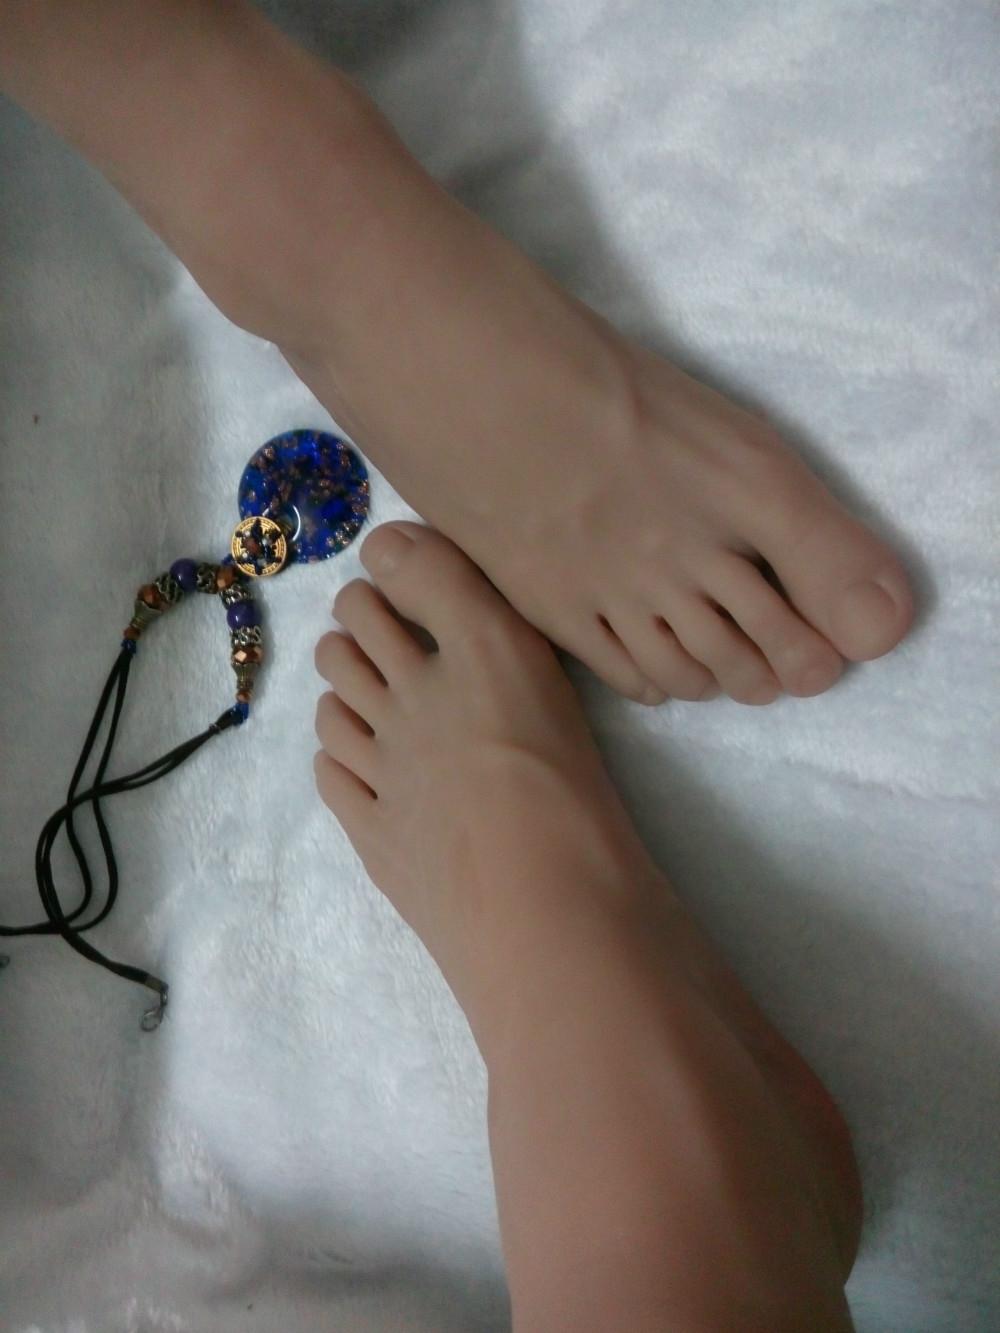 Bdsm thai punishment